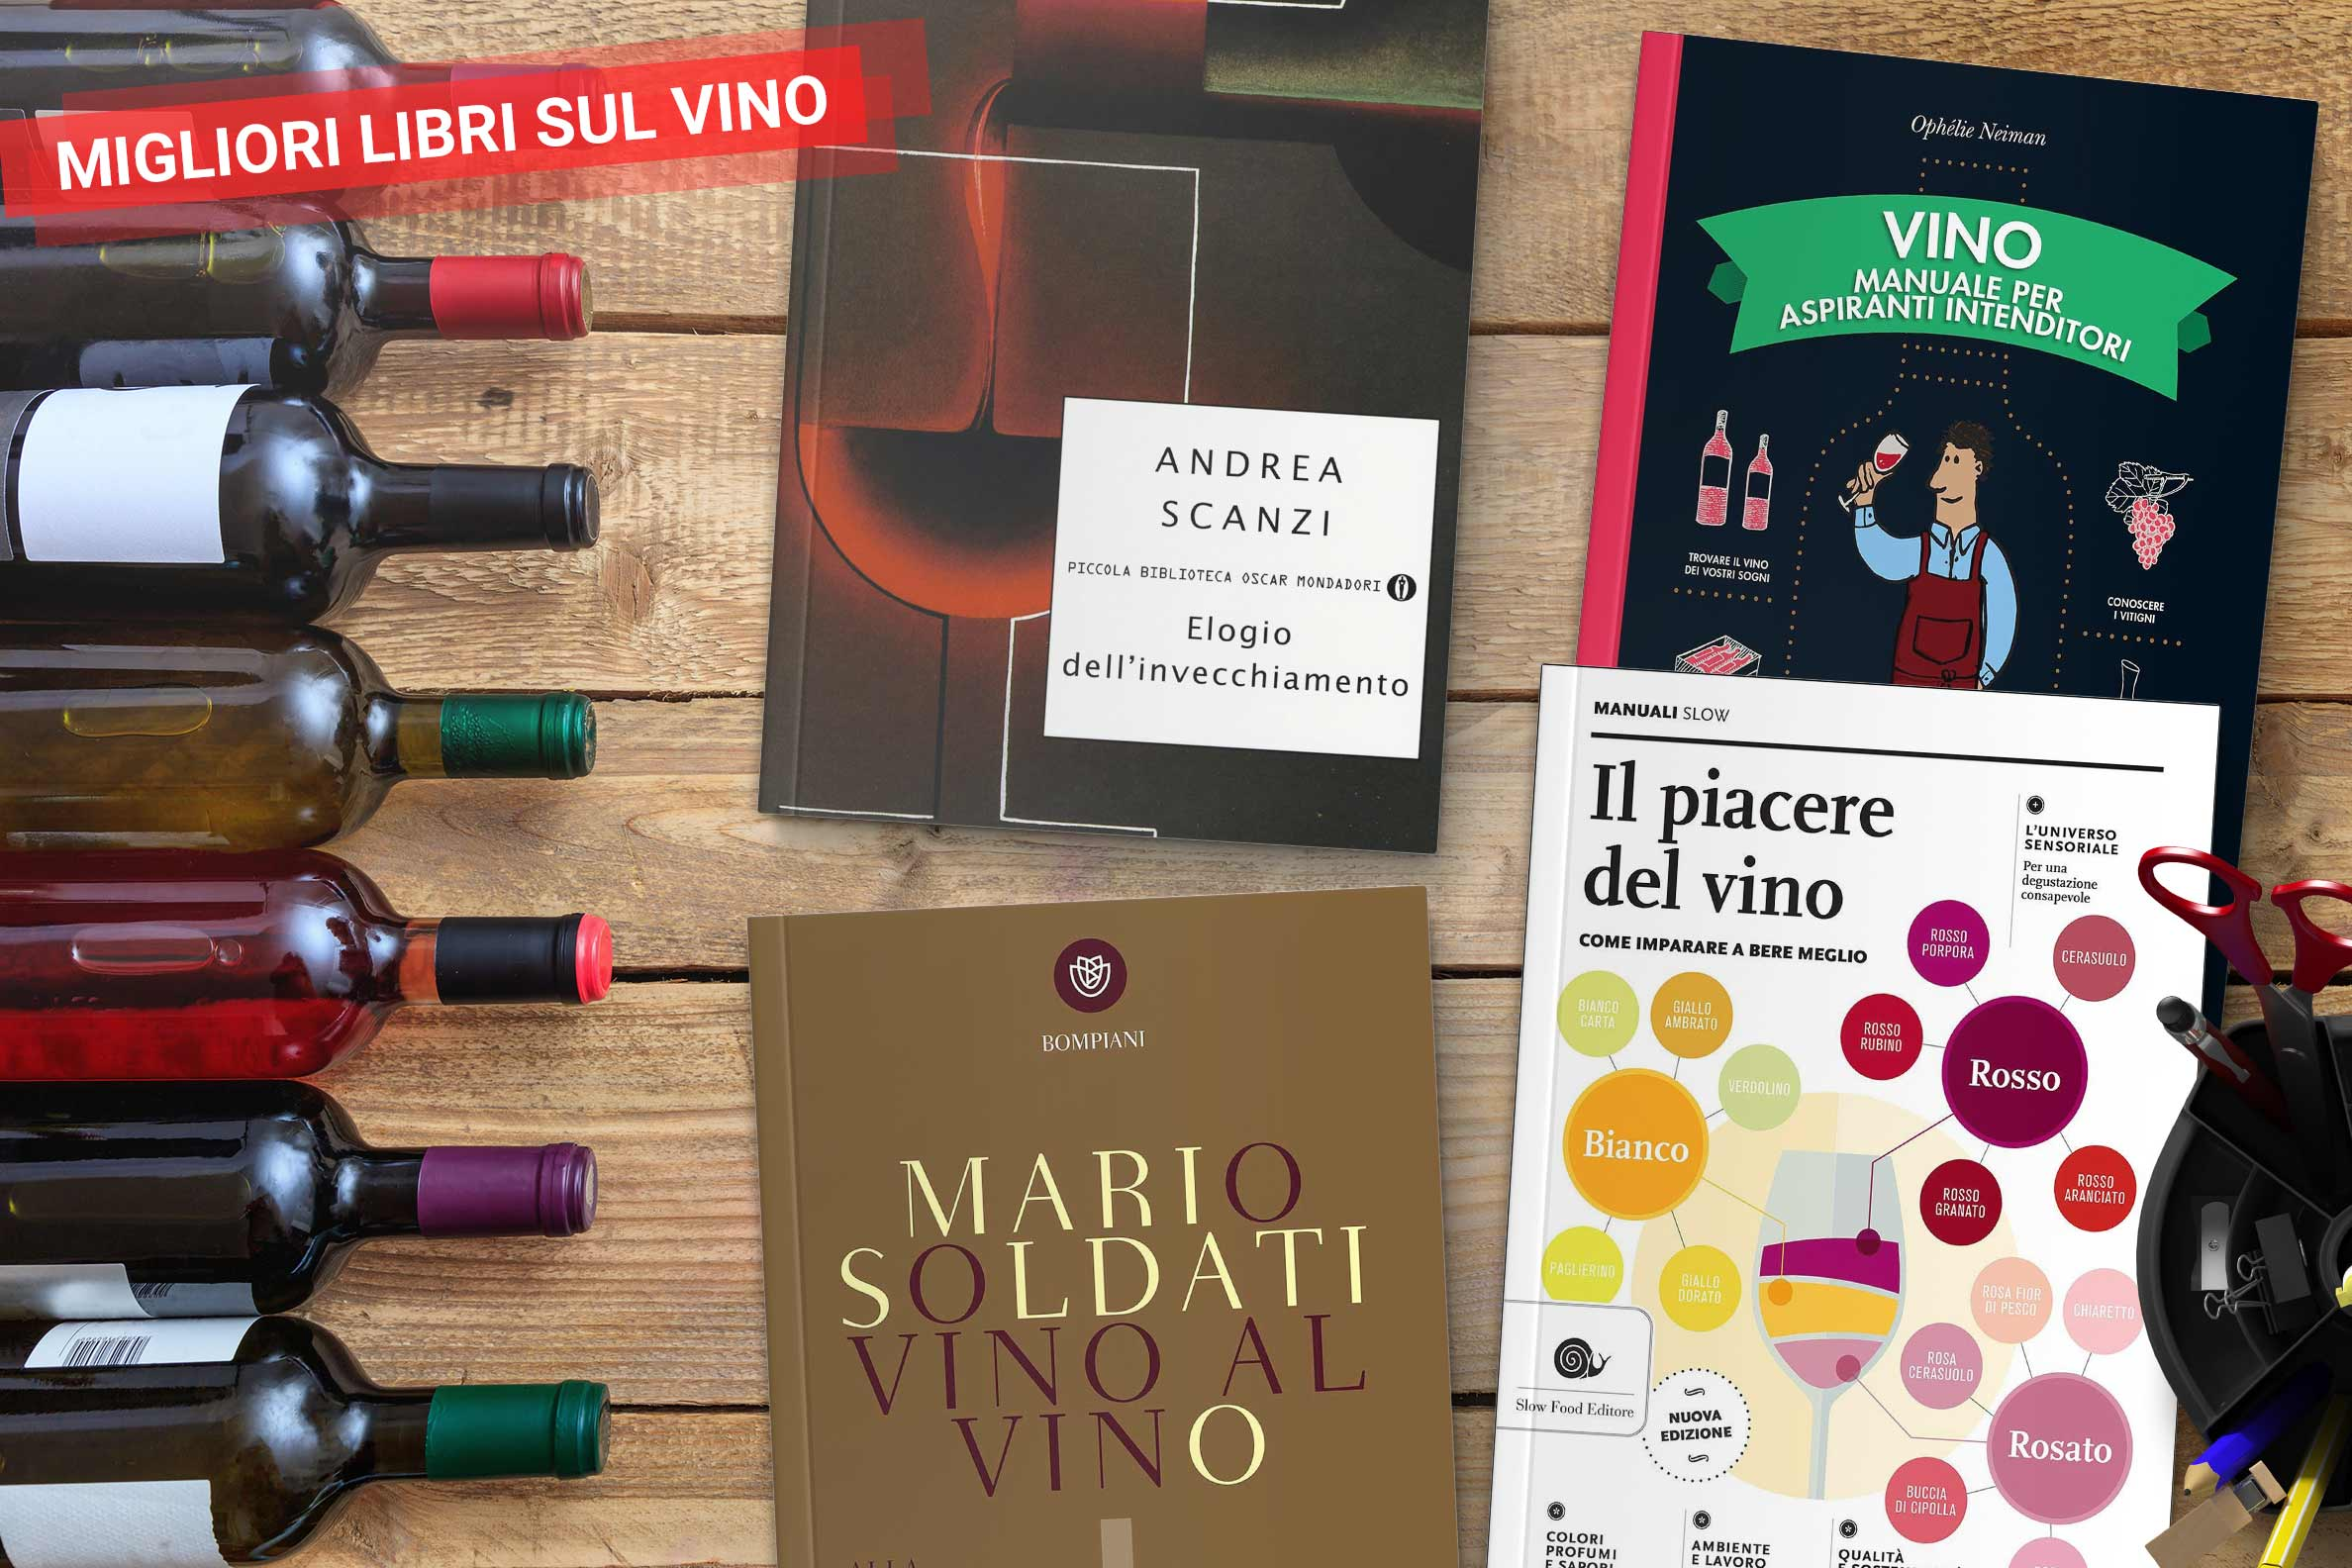 Migliori Libri Sul Vino | Libro Sul Vino Da Leggere Preferito Dai Wine Lovers